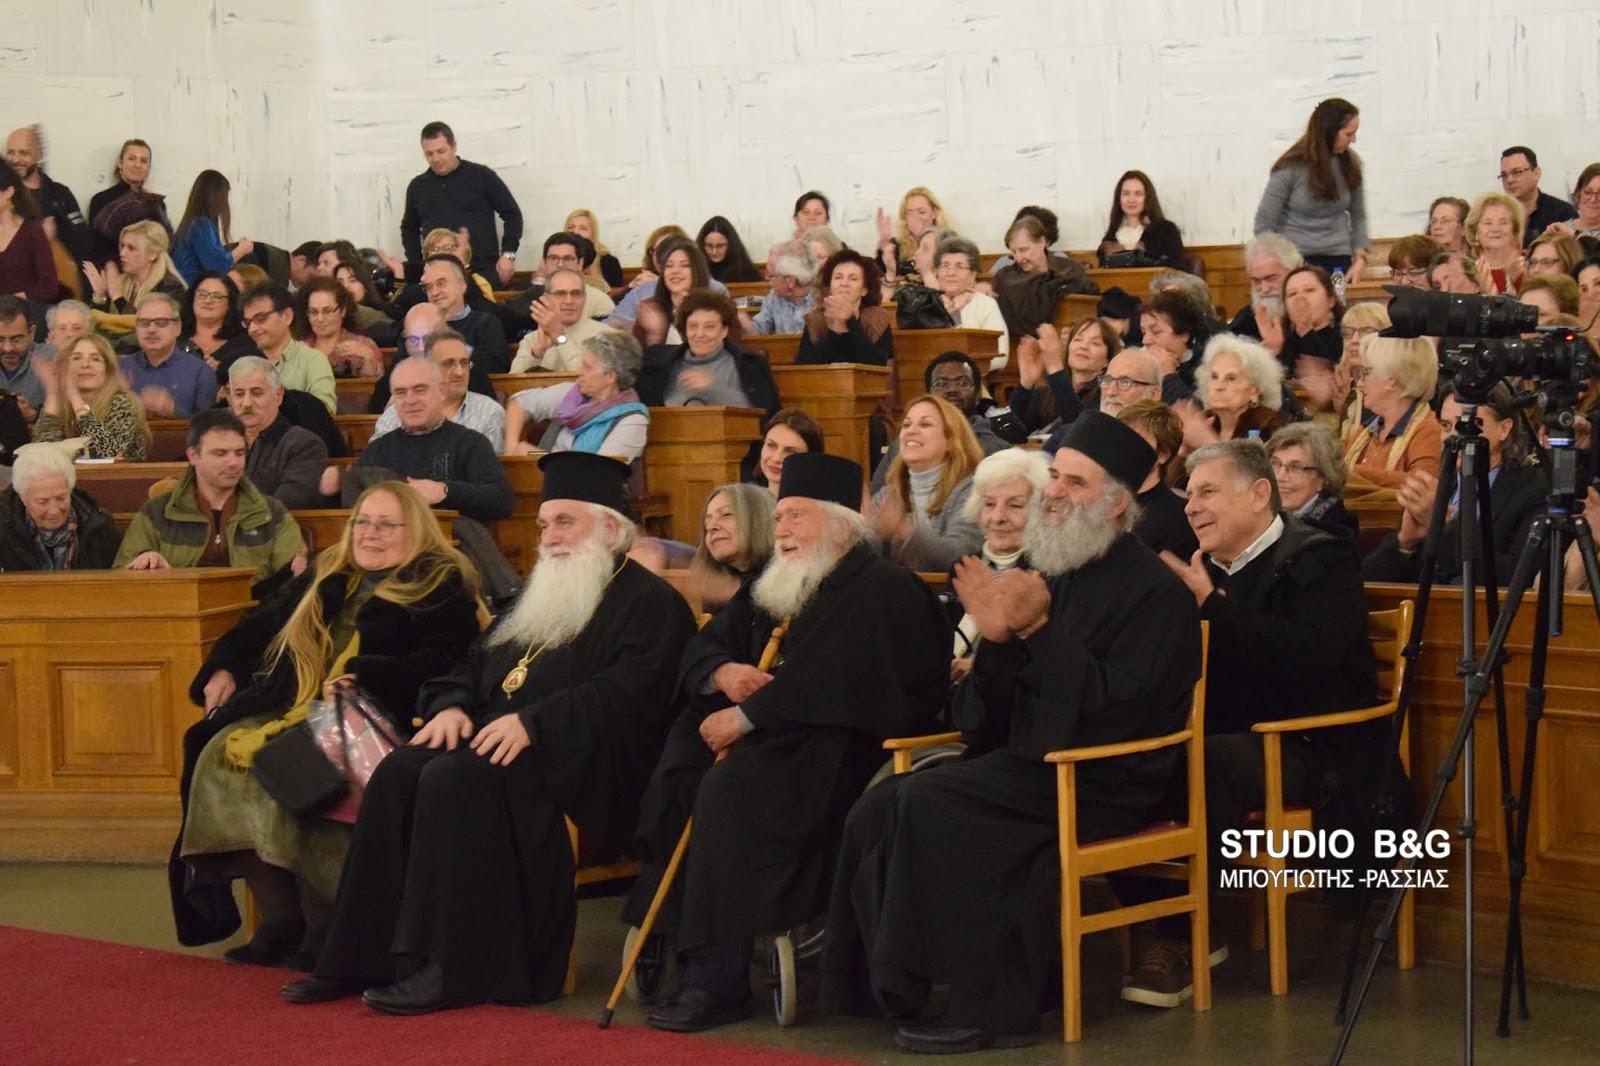 """Παρουσιάστηκε το νέο βιβλίο του Γέροντα Γαβριήλ Κοβιλιάτη,' Κοίταξέ με στα μάτια! Μου λες την αλήθεια;"""" στην Αθήνα"""